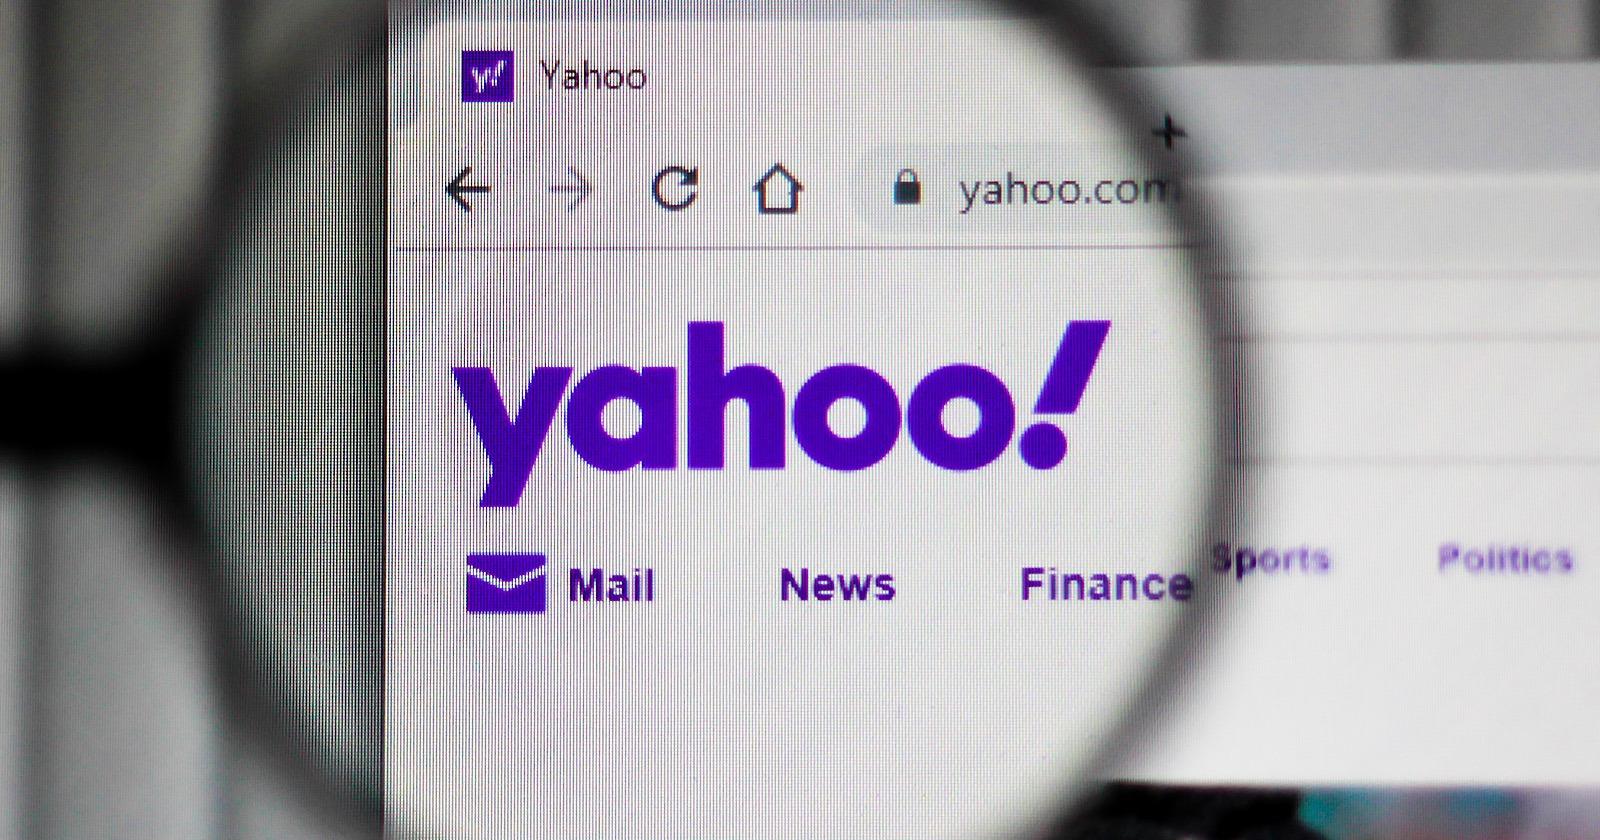 Verizon vinde divizia Media, în care erau incluse Yahoo și AOL. Noua entitate va fi numită Yahoo